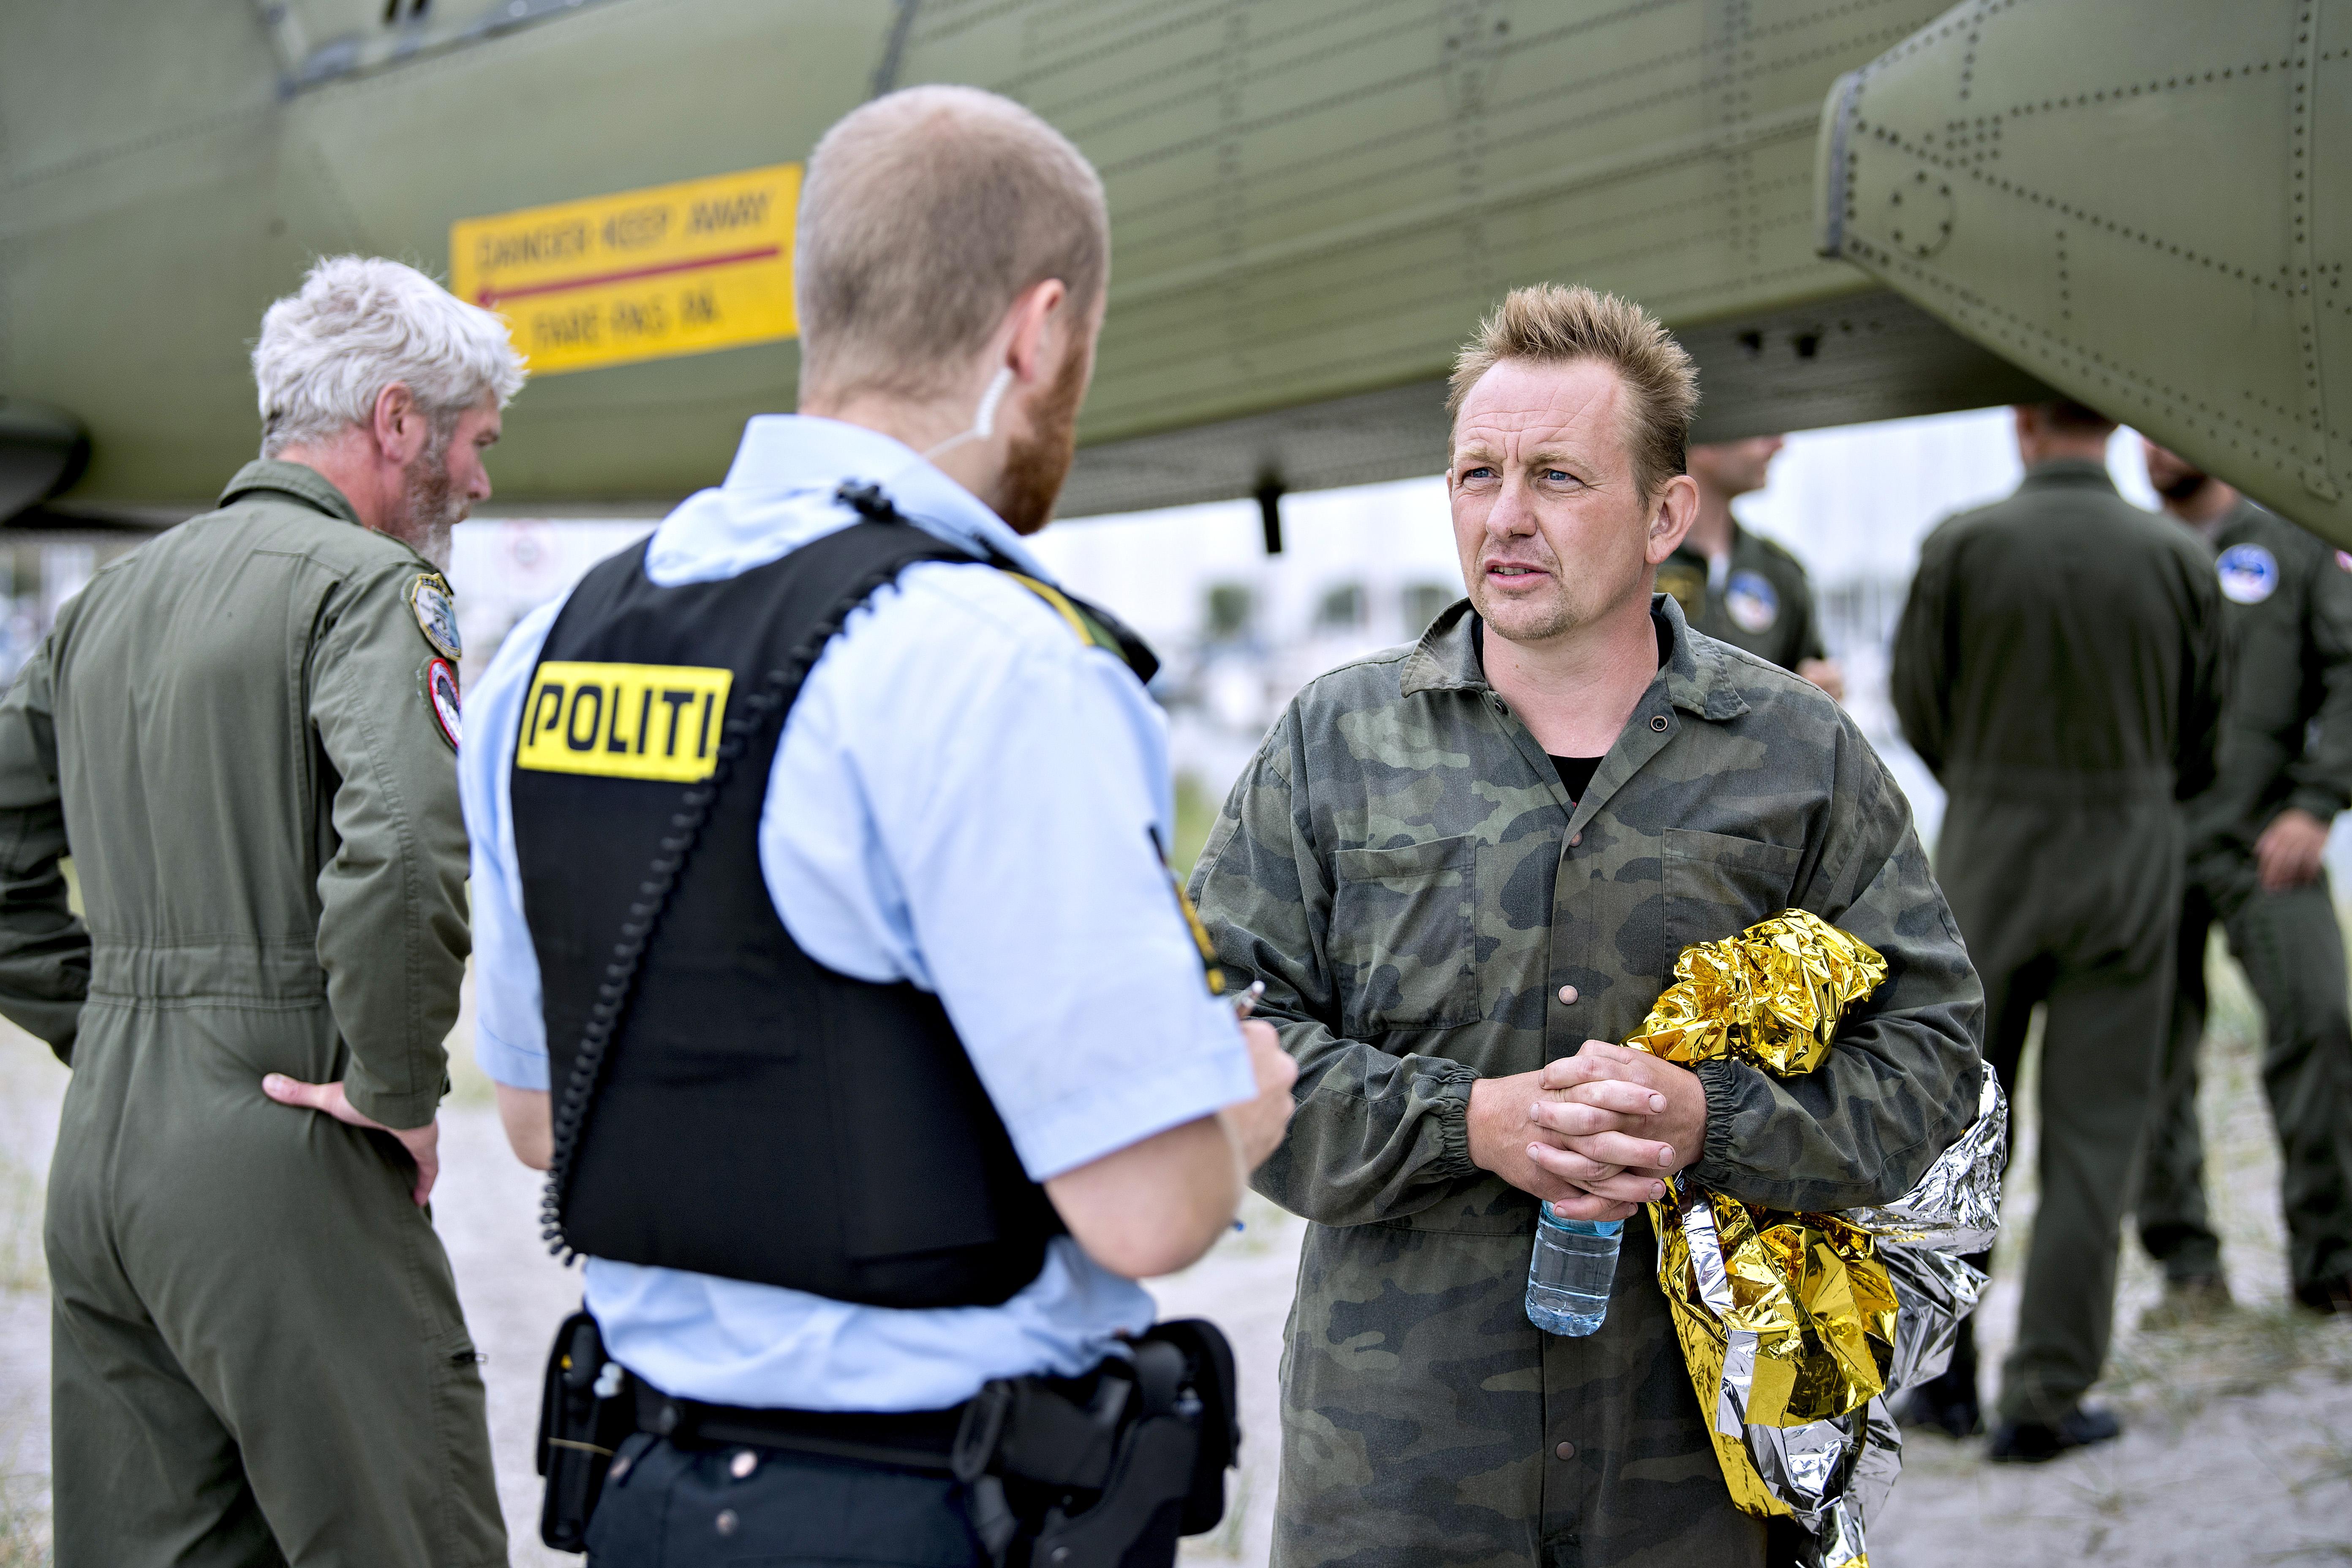 Lefejezős filmeket nézett, és attól félt, hogy pszichopata a svéd újságíró meggyilkolásával vádolt dán feltaláló